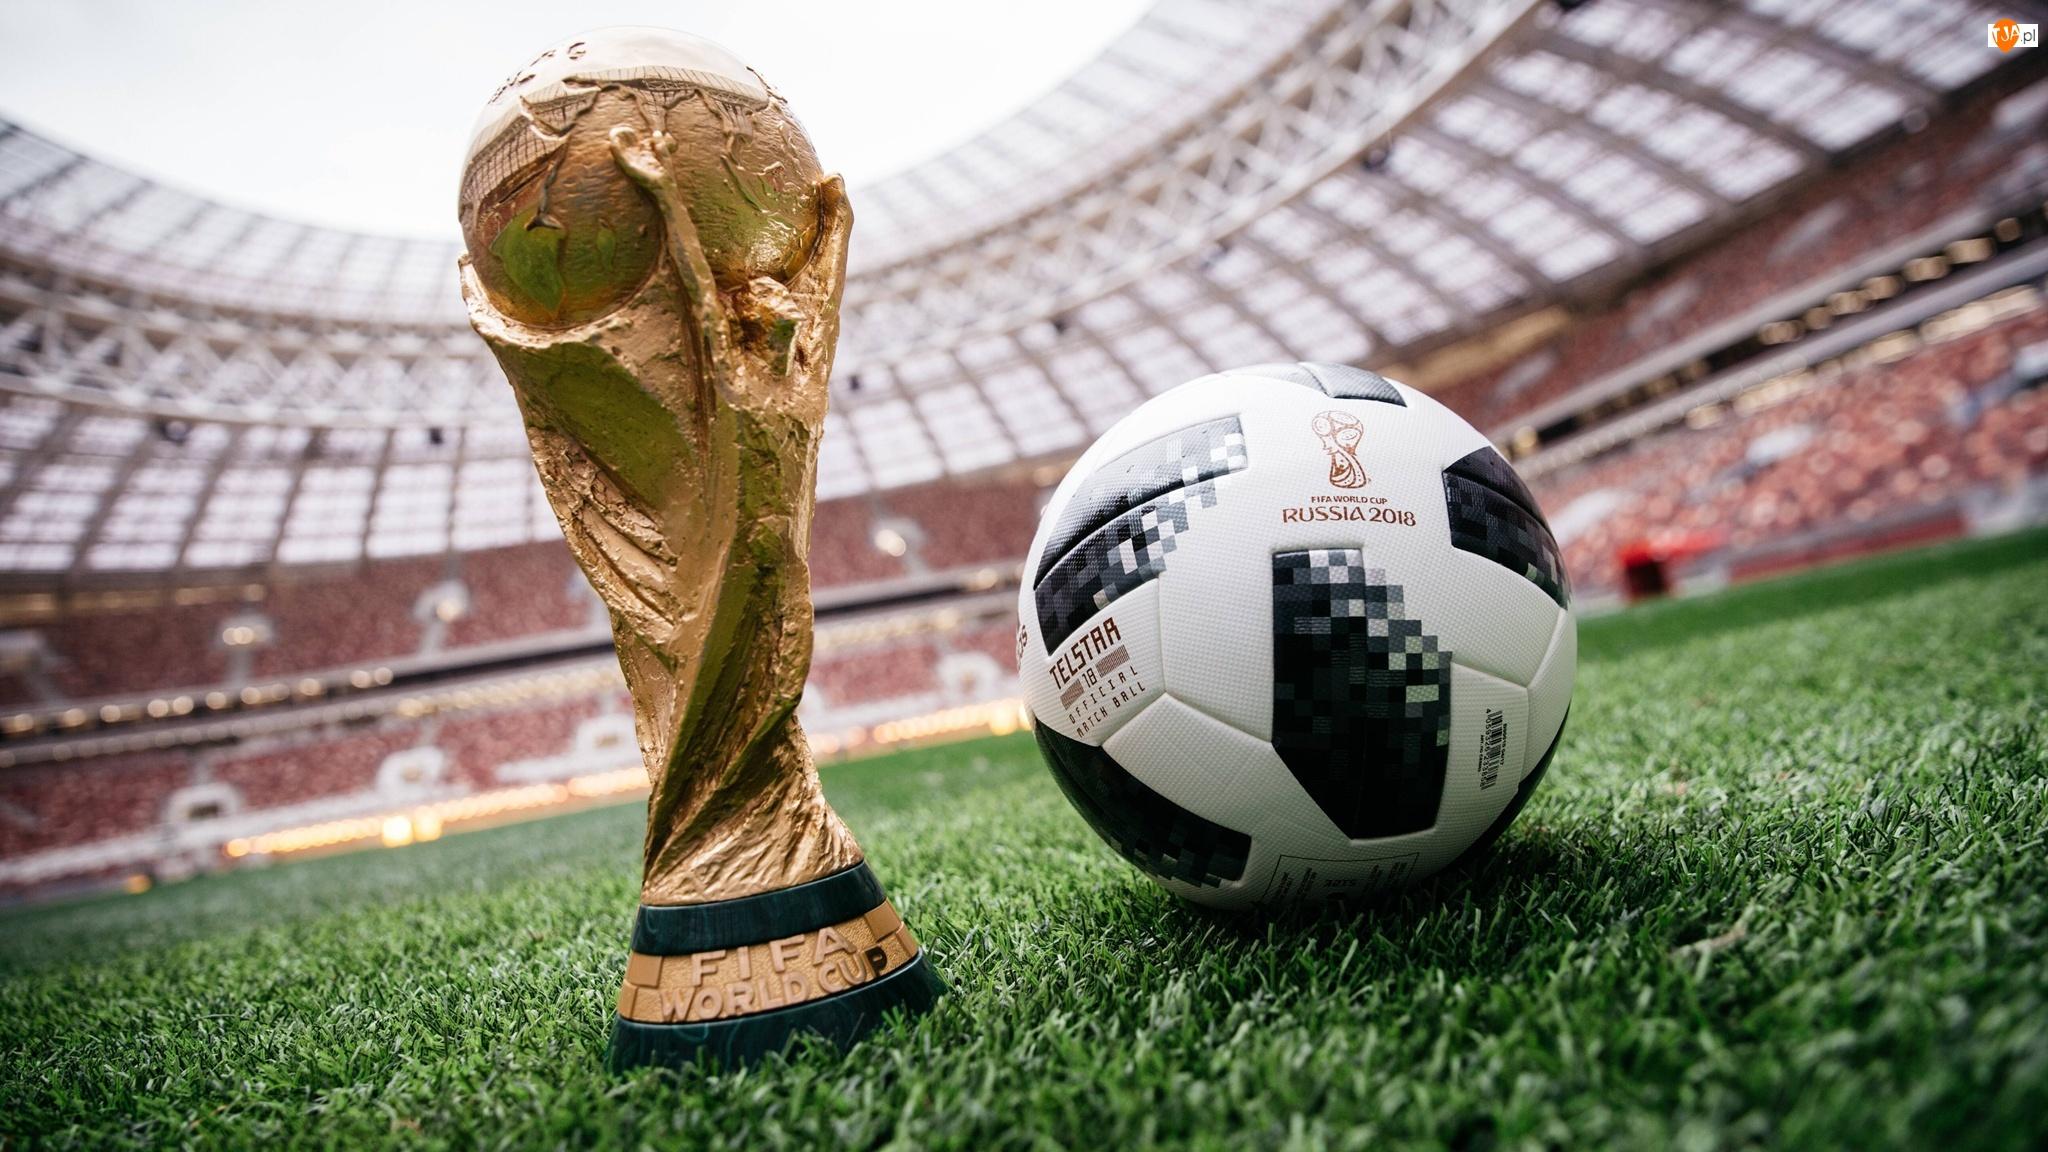 Piłka, Mundial 2018 Rosja, Statuetka, Stadion, Trawa